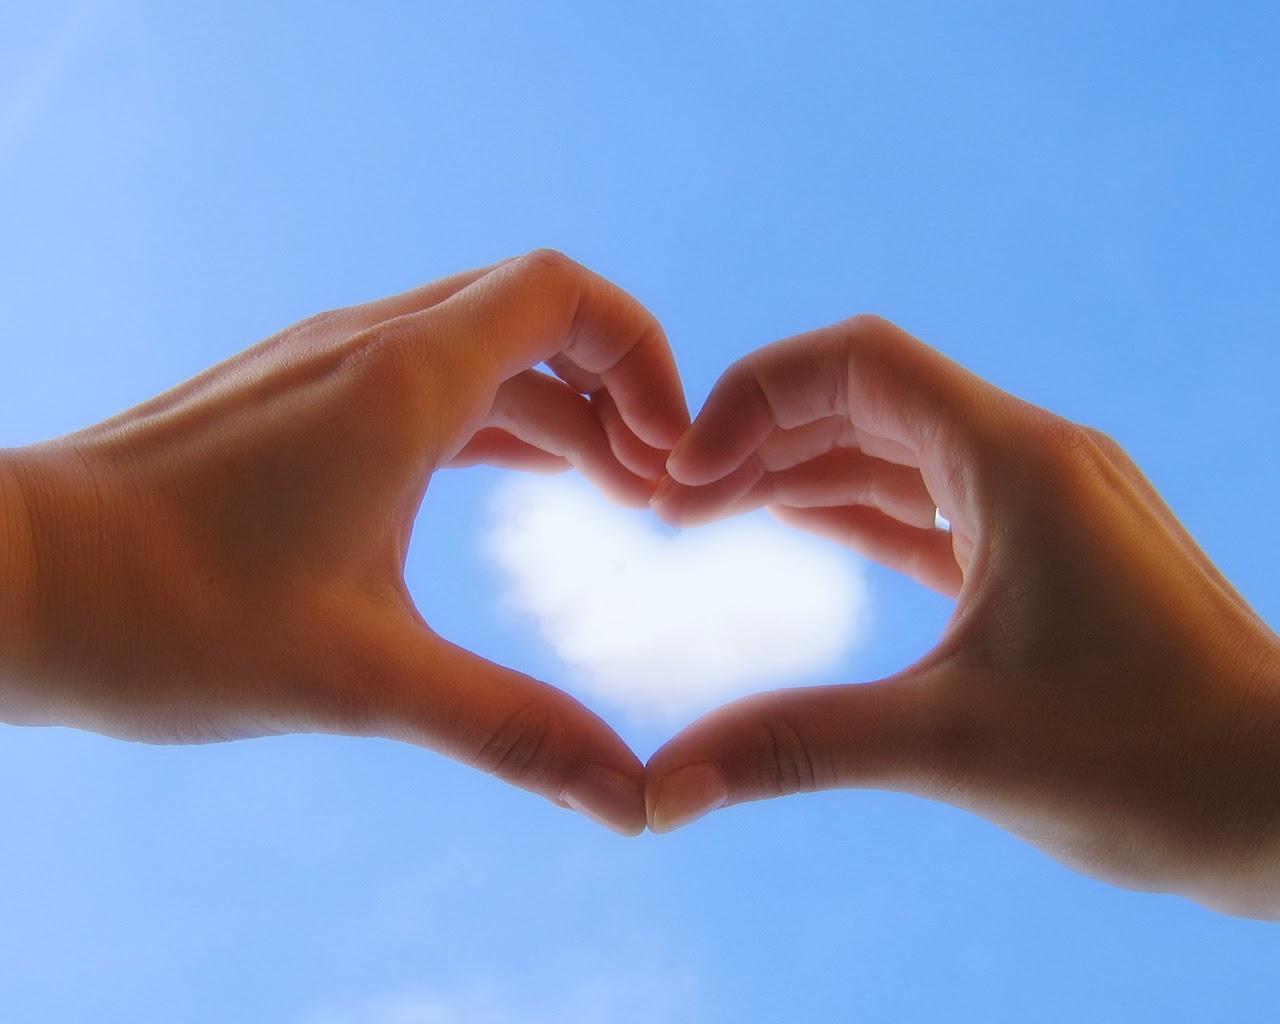 Hình ảnh về tình yêu ý nghĩa